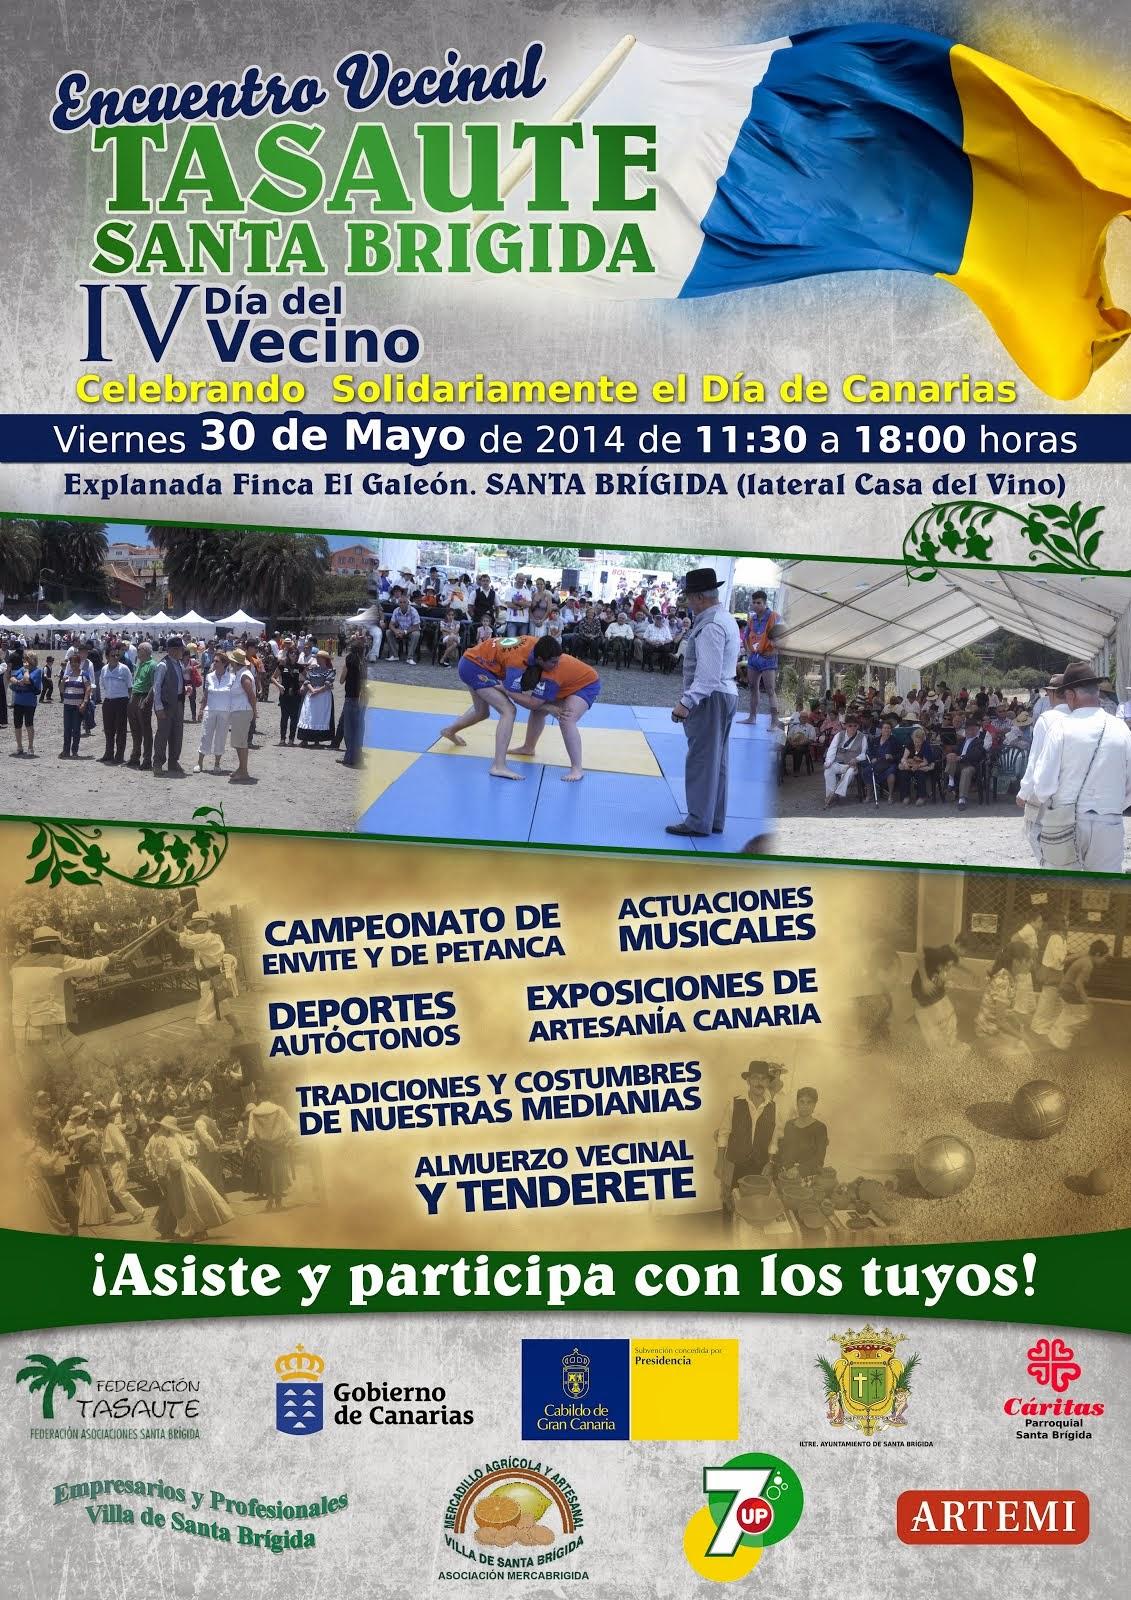 VIERNES 30 DE MAYO